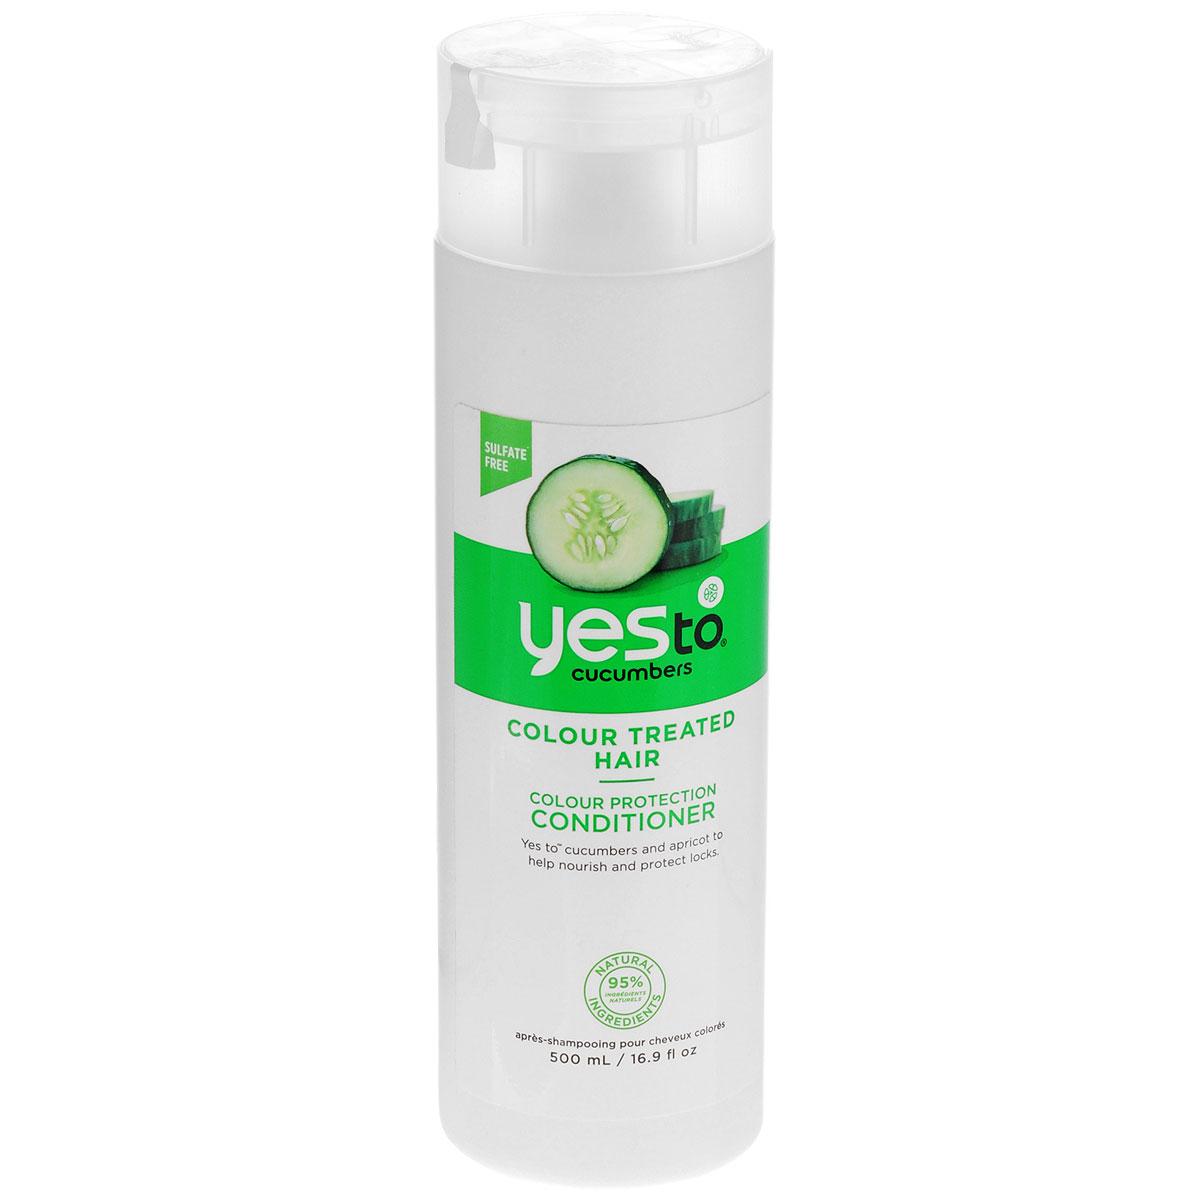 Yes To Cucumbers Кондиционер для волос Color Care Conditioner, для окрашенных и поврежденных волос, 500 мл3215103Кондиционер для волос Yes to cucumbers предназначен для ежедневного применения. Разработан специально для ухода за окрашенными и поврежденными волосами. Входящие в состав кондиционера органический огурец, родниковая вода и зеленый чай, эффективно увлажняют, придают блеск волосам и препятствуют их спутыванию. Также в состав кондиционера входит экстракт василька, который содержит смесь сильных антиоксидантов, сохраняющих цвет волос и защищающих их от обесцвечивания. Товар сертифицирован.